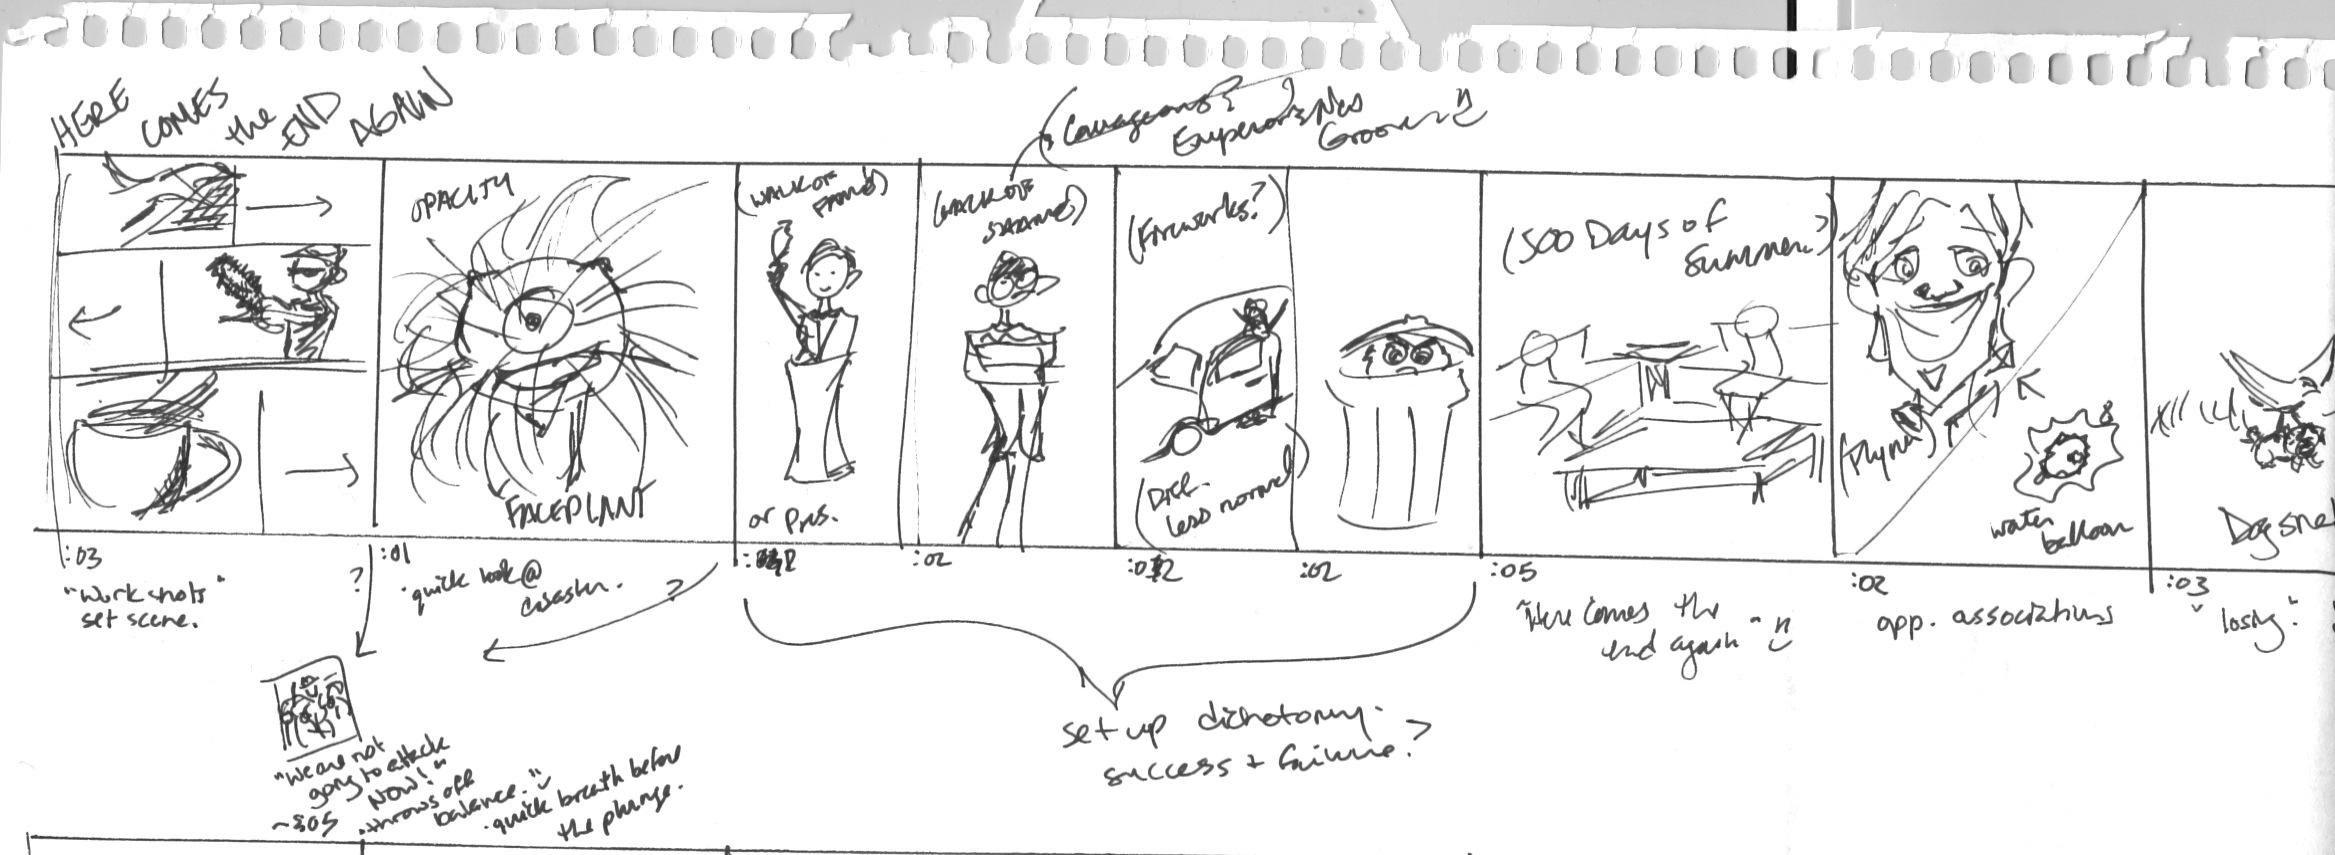 visual storyboards